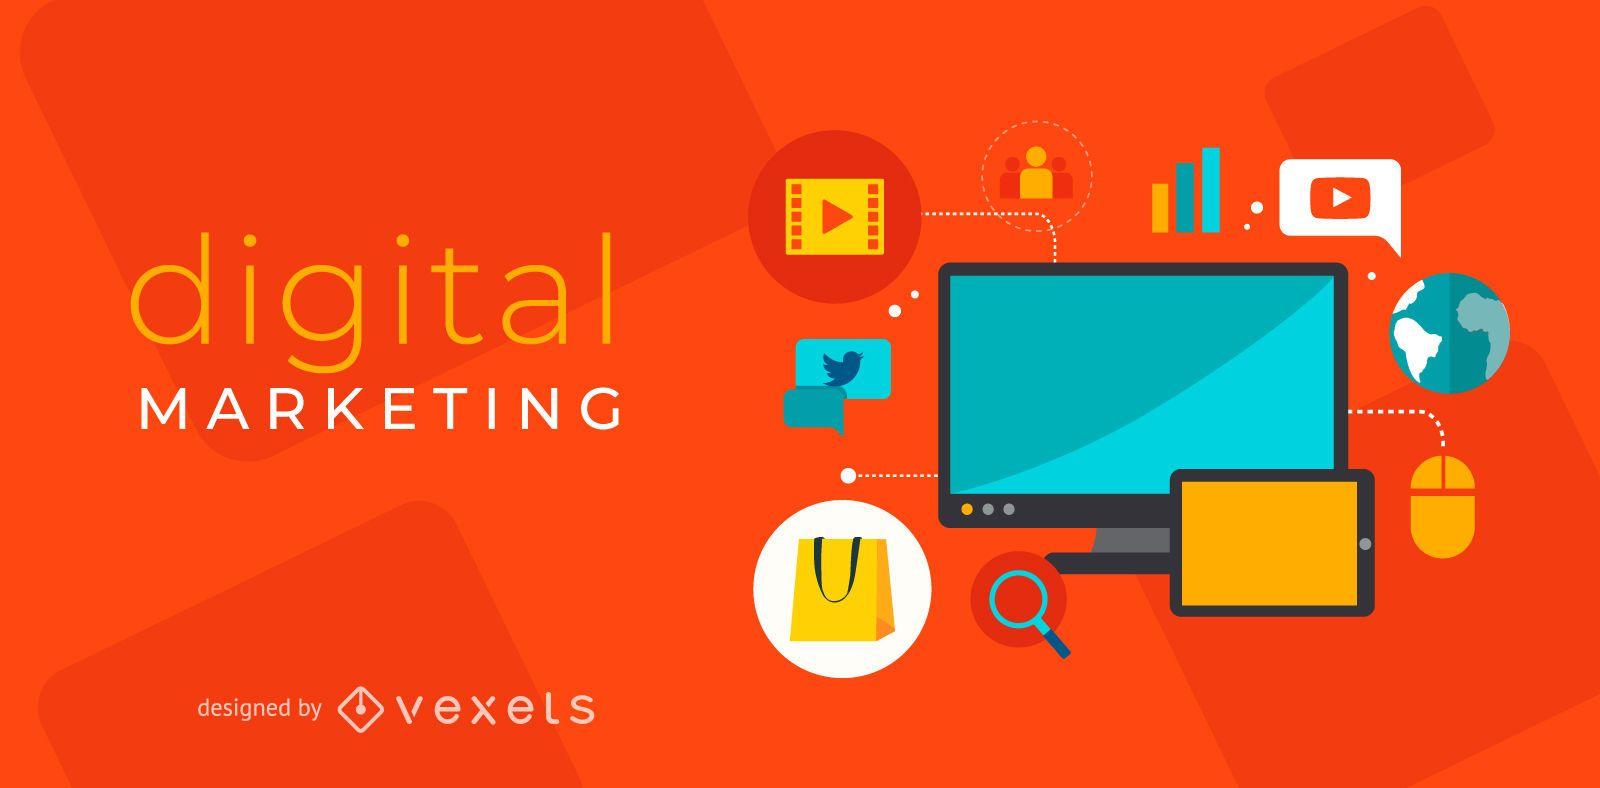 Dise?o de marketing digital